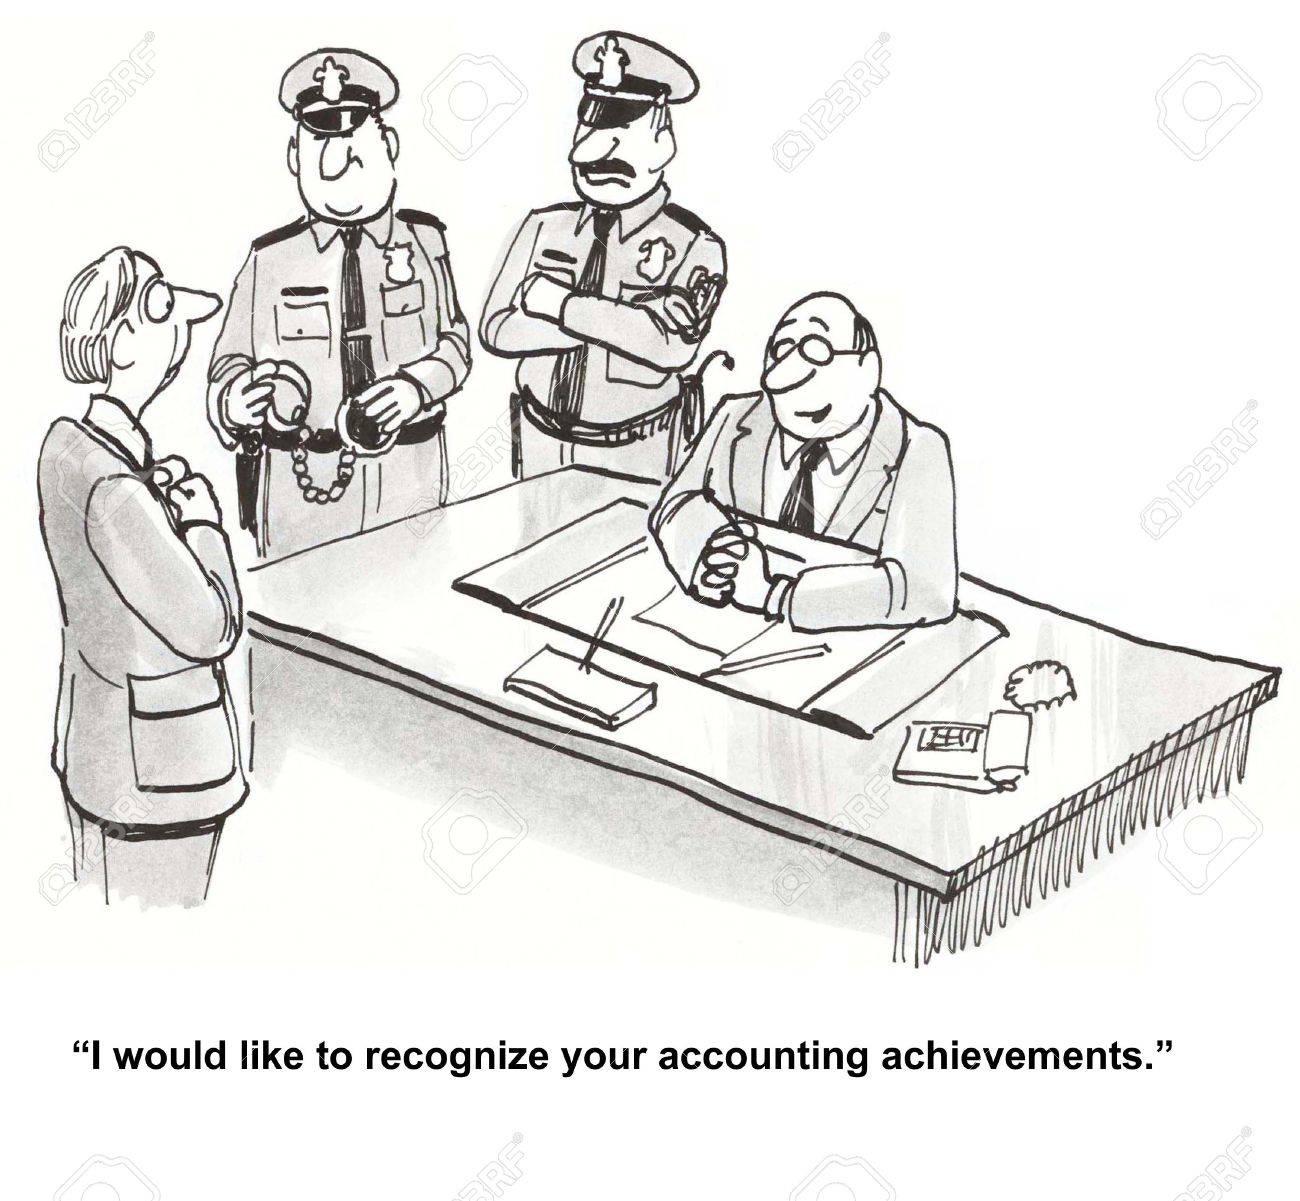 Caricatura de jefe de negocios con la policía, le dice contador que le gustaría reconocer sus logros contables.